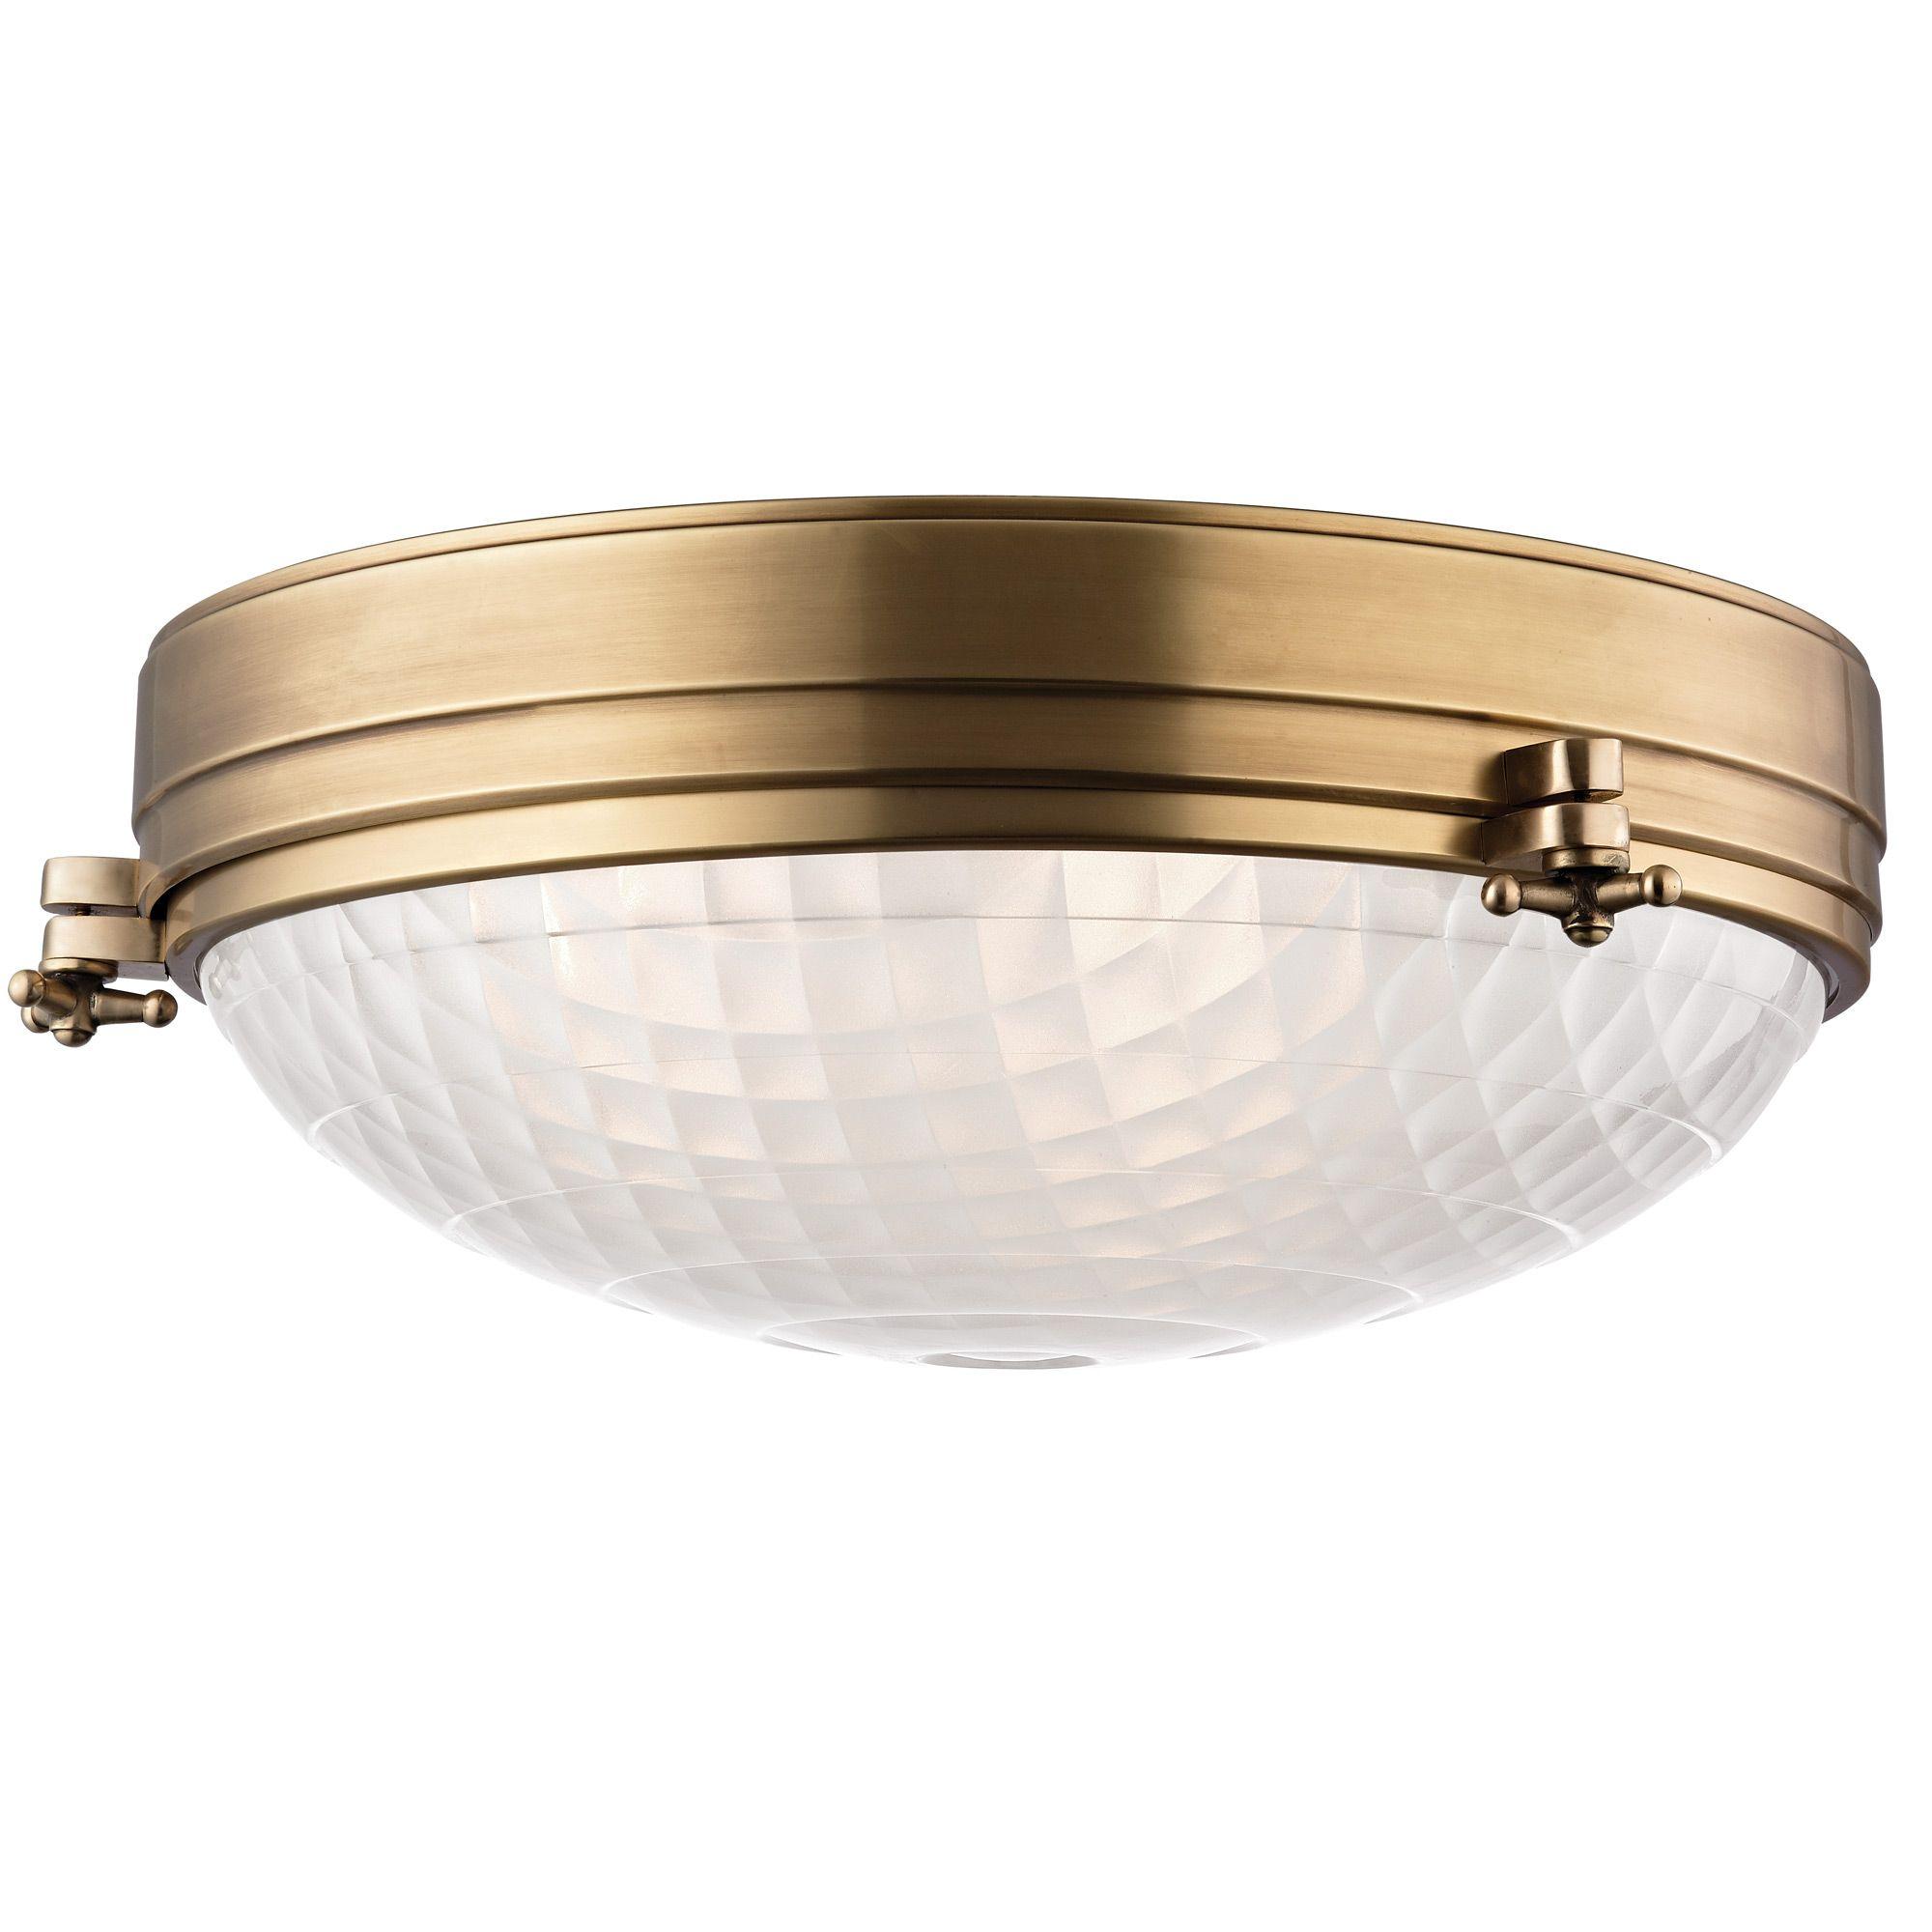 Belmont flush mount hudson valley lighting at lightology for the